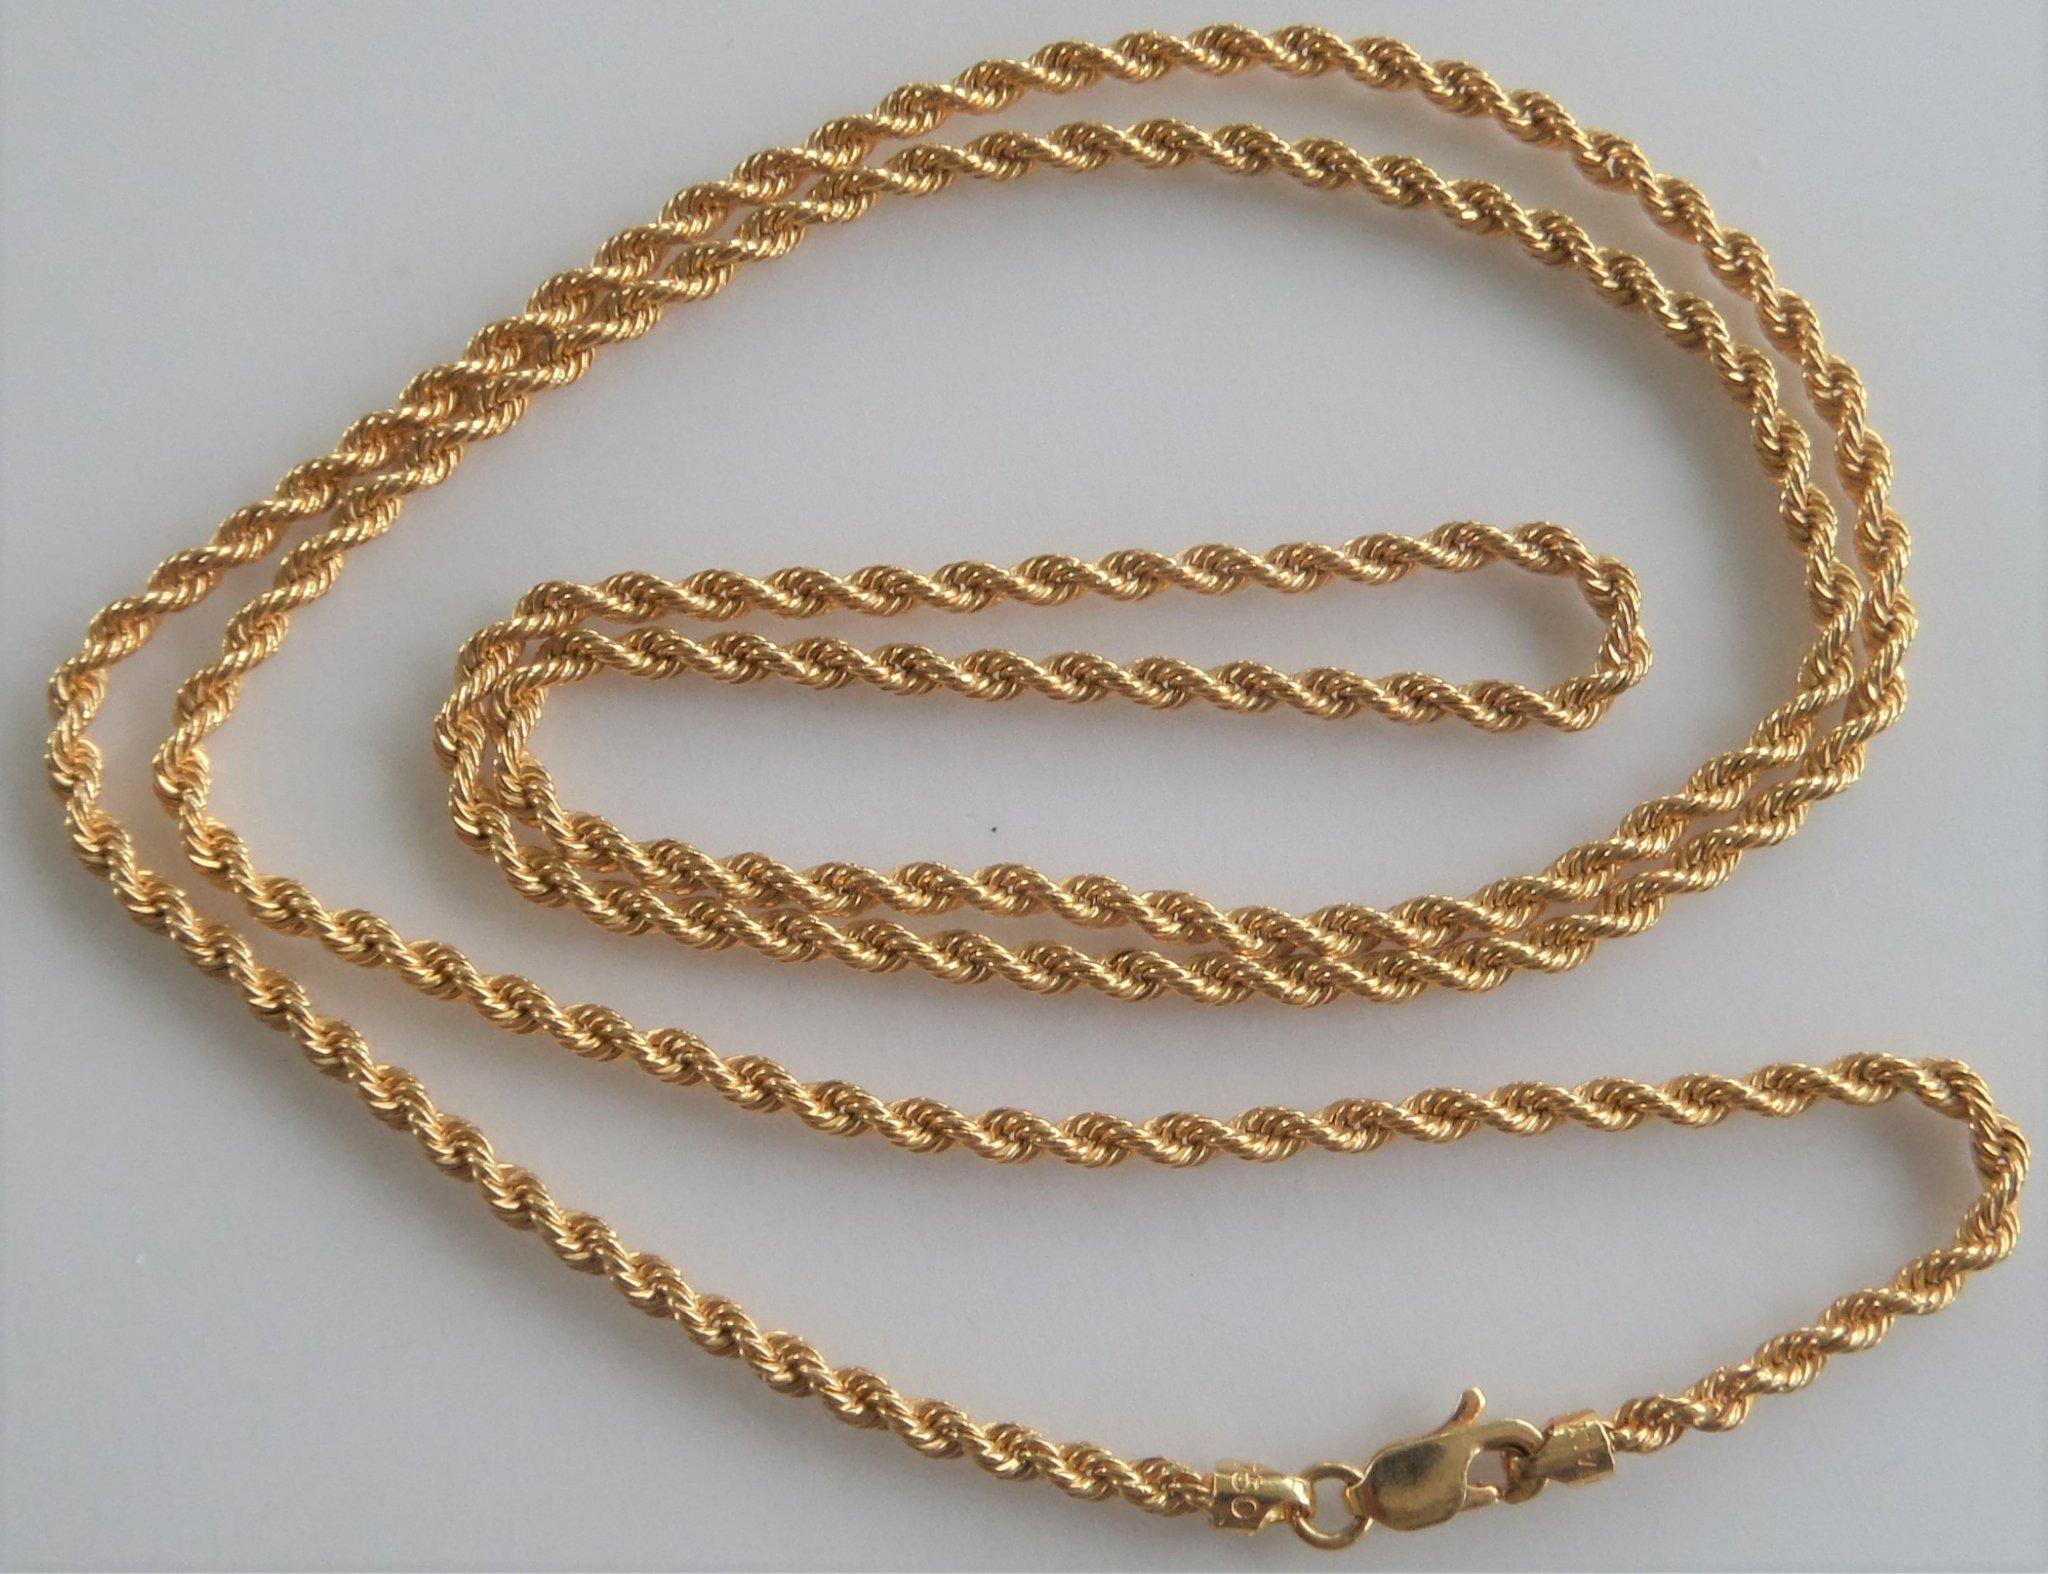 Rask 18 K guld halsband i fin länk stämplad 750 YTALY. (356656843) ᐈ SW-65